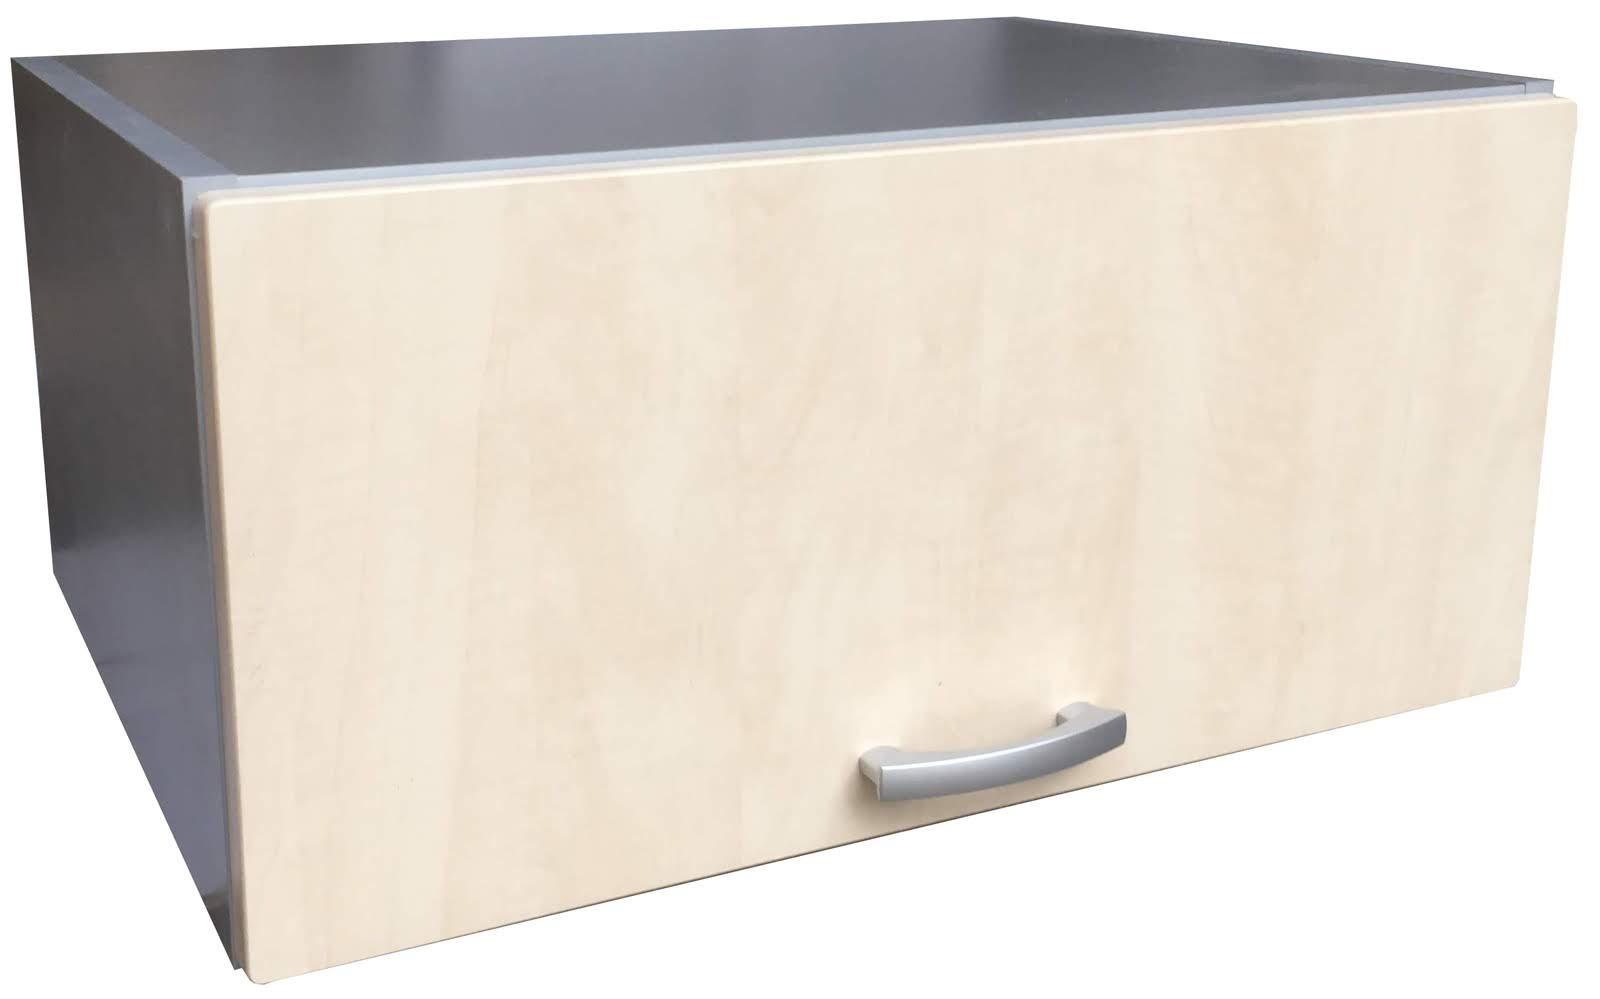 Horní skříňka výklopná Diana 62 cm - výprodej